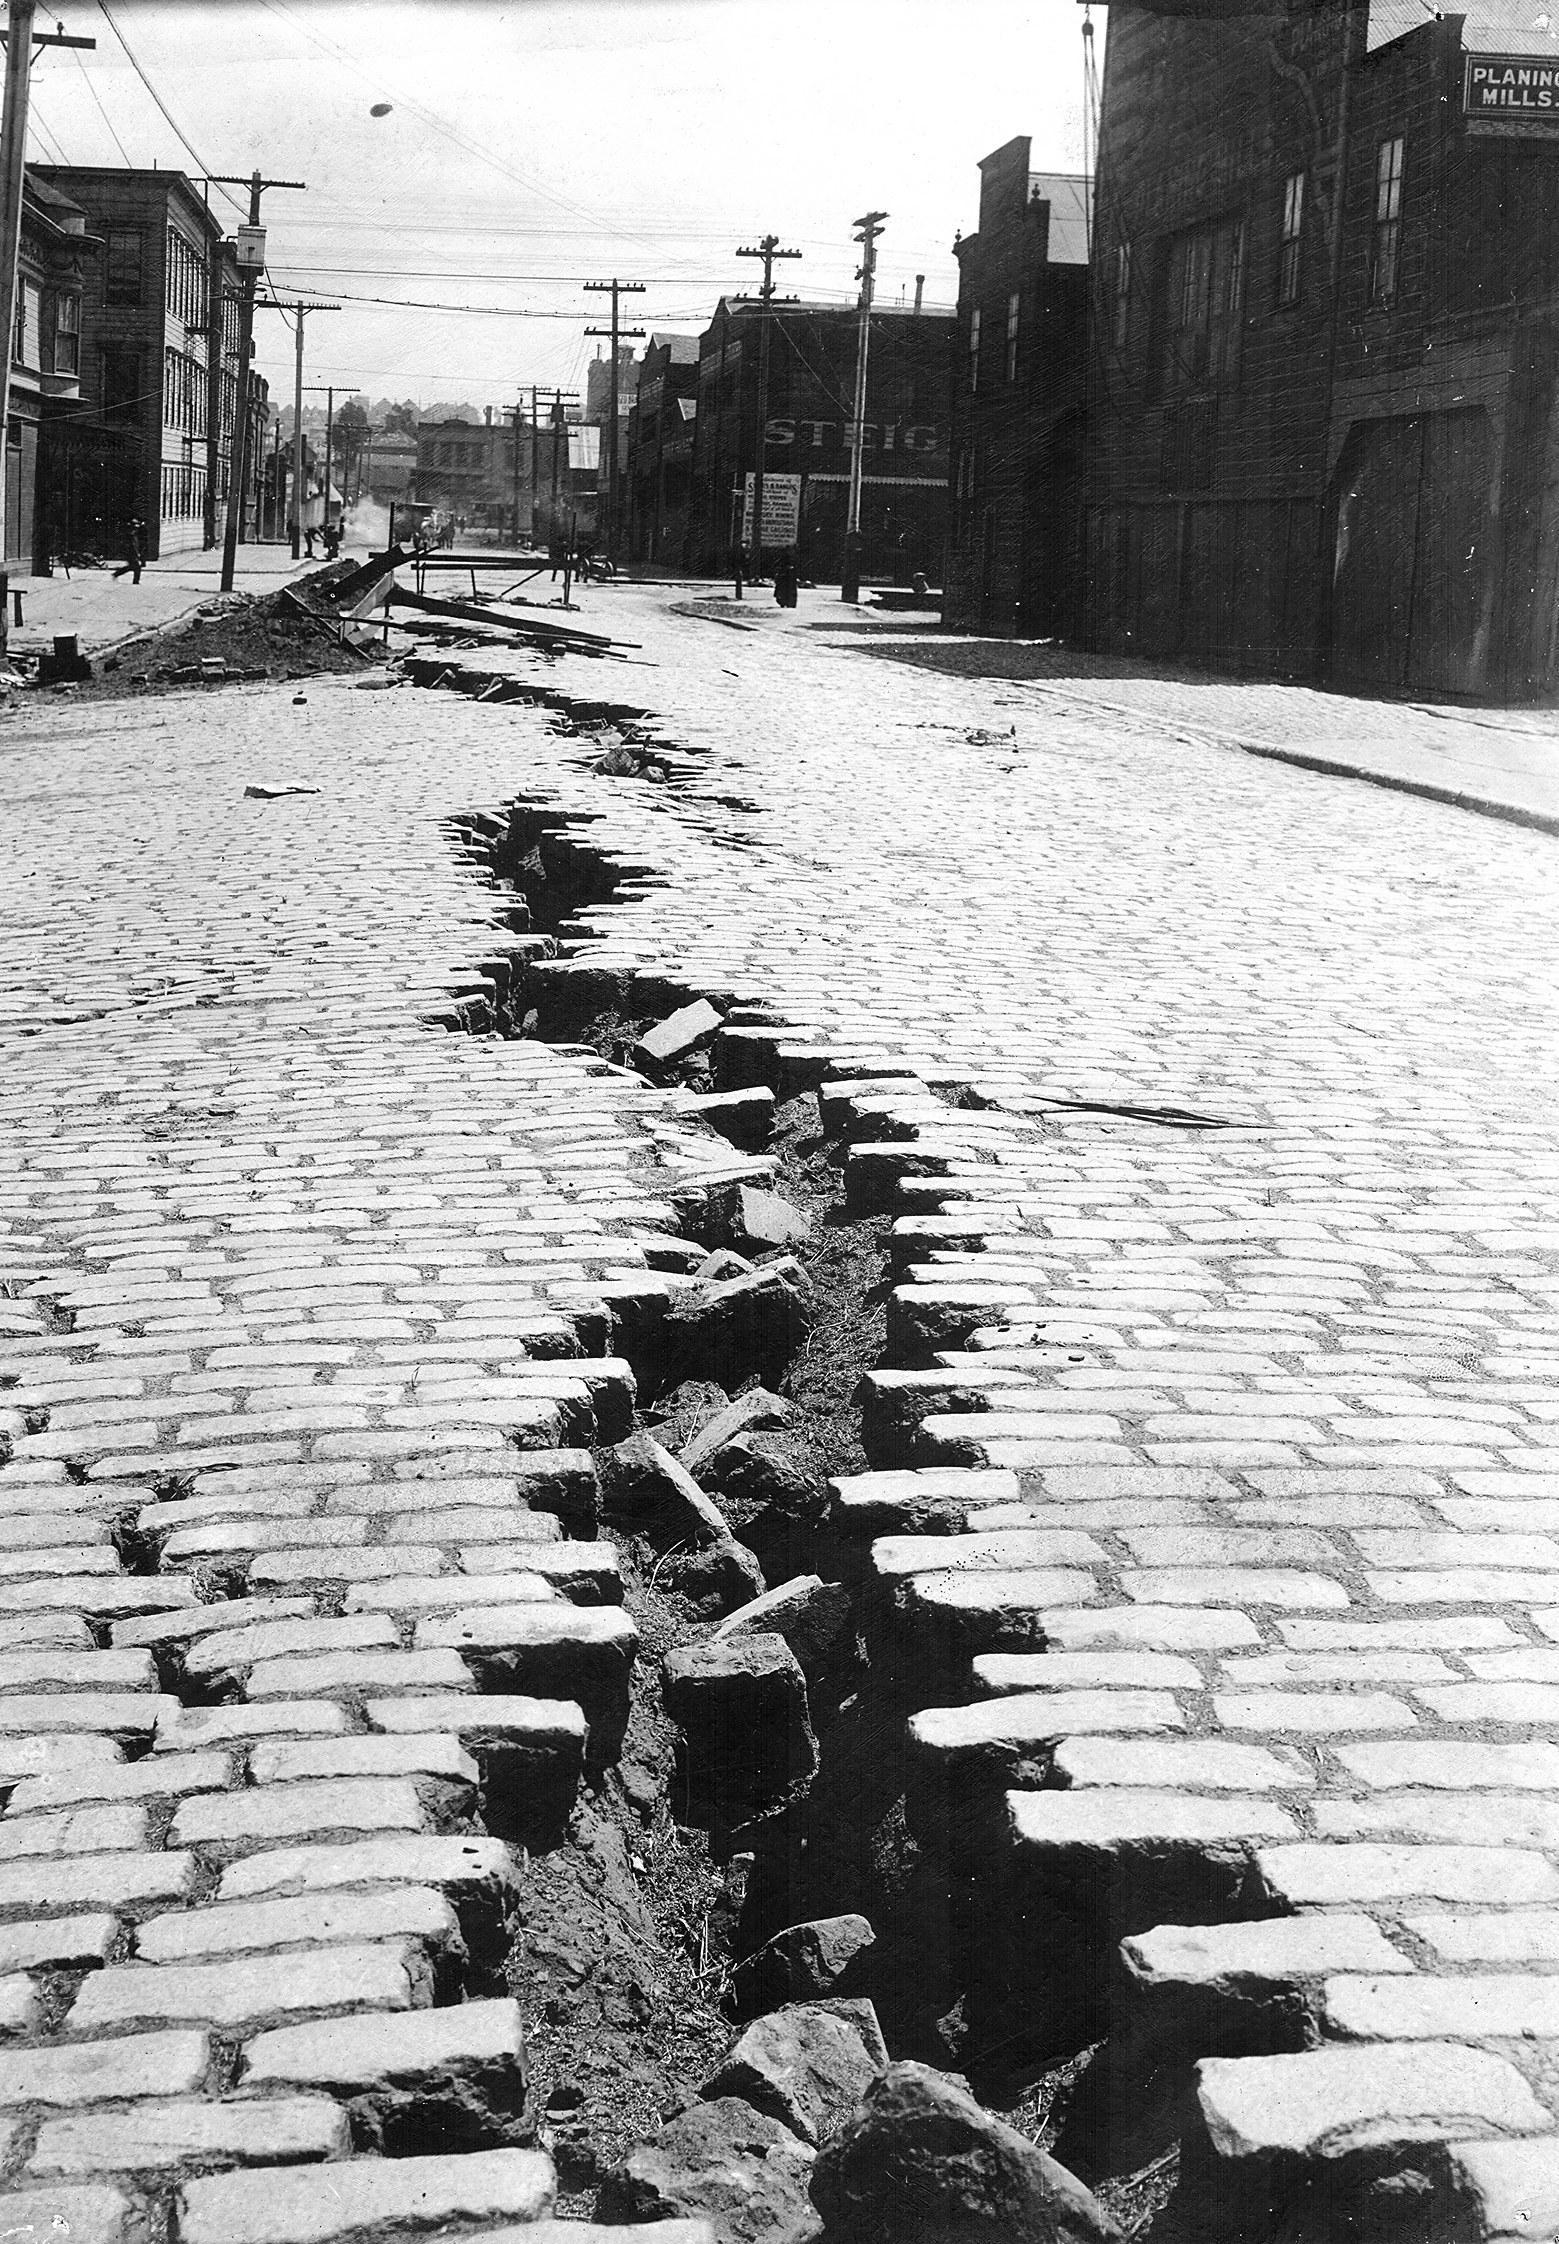 地震活动与季节有关吗?